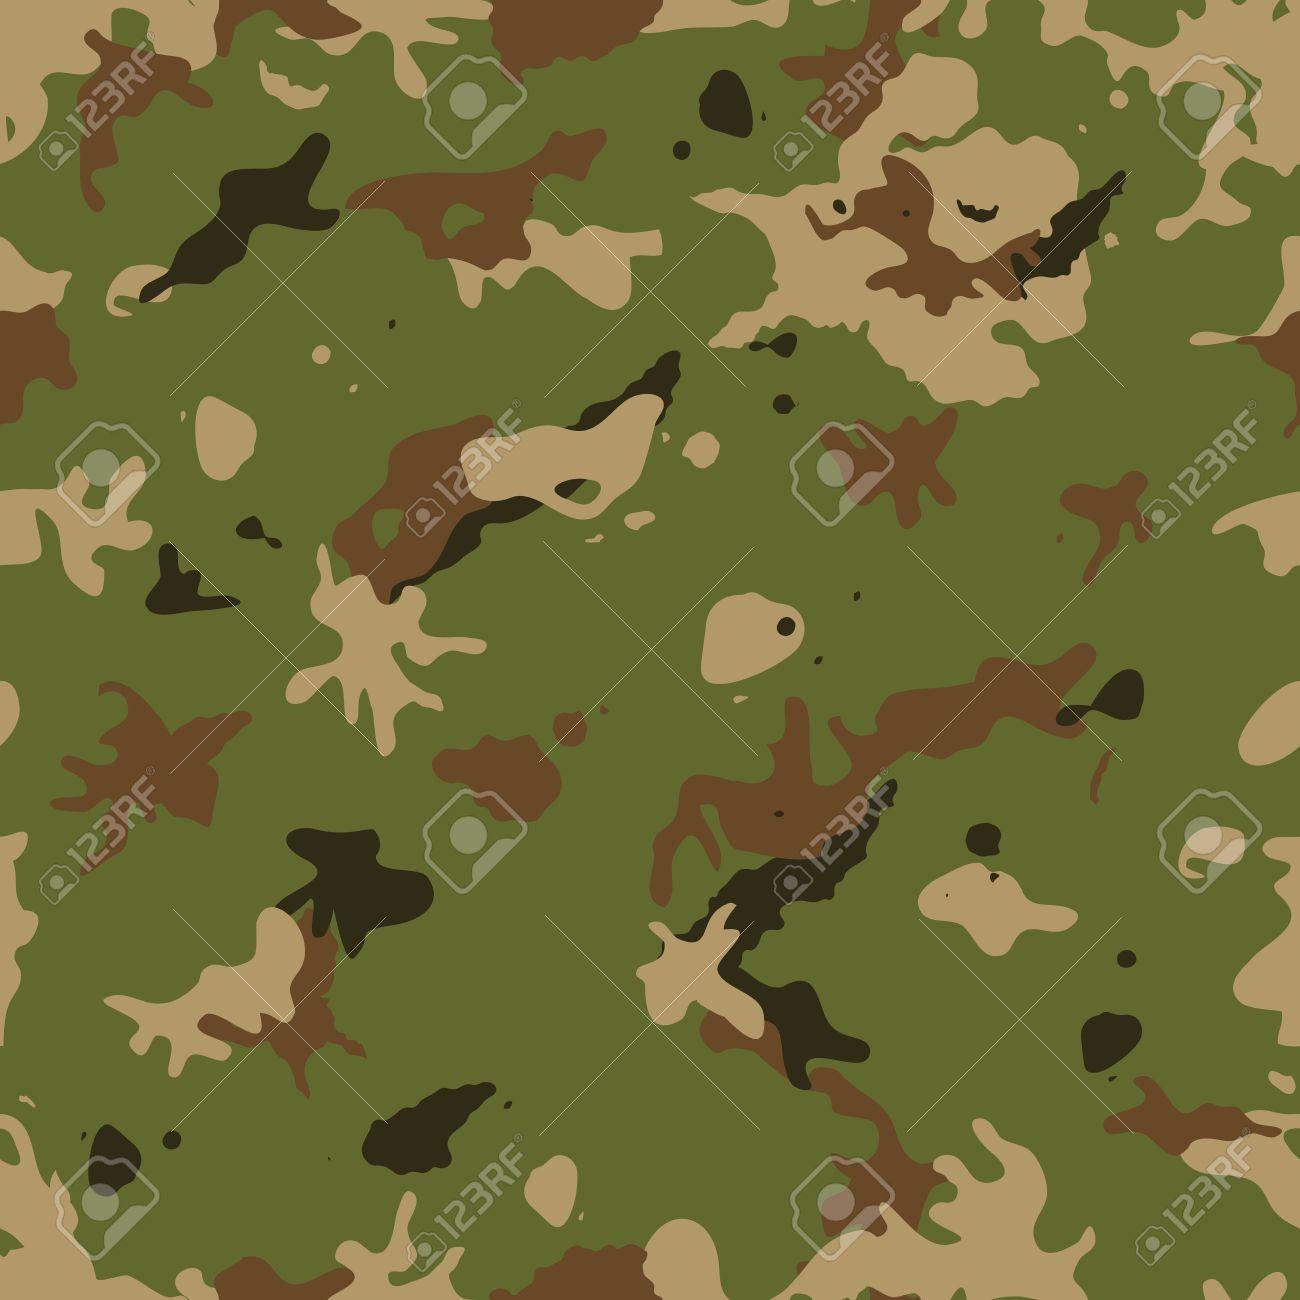 軍の迷彩柄の背景との戦いのための緑と茶色の色合いを持つミリタリー迷彩のイラストの壁紙を服します のイラスト素材 ベクタ Image